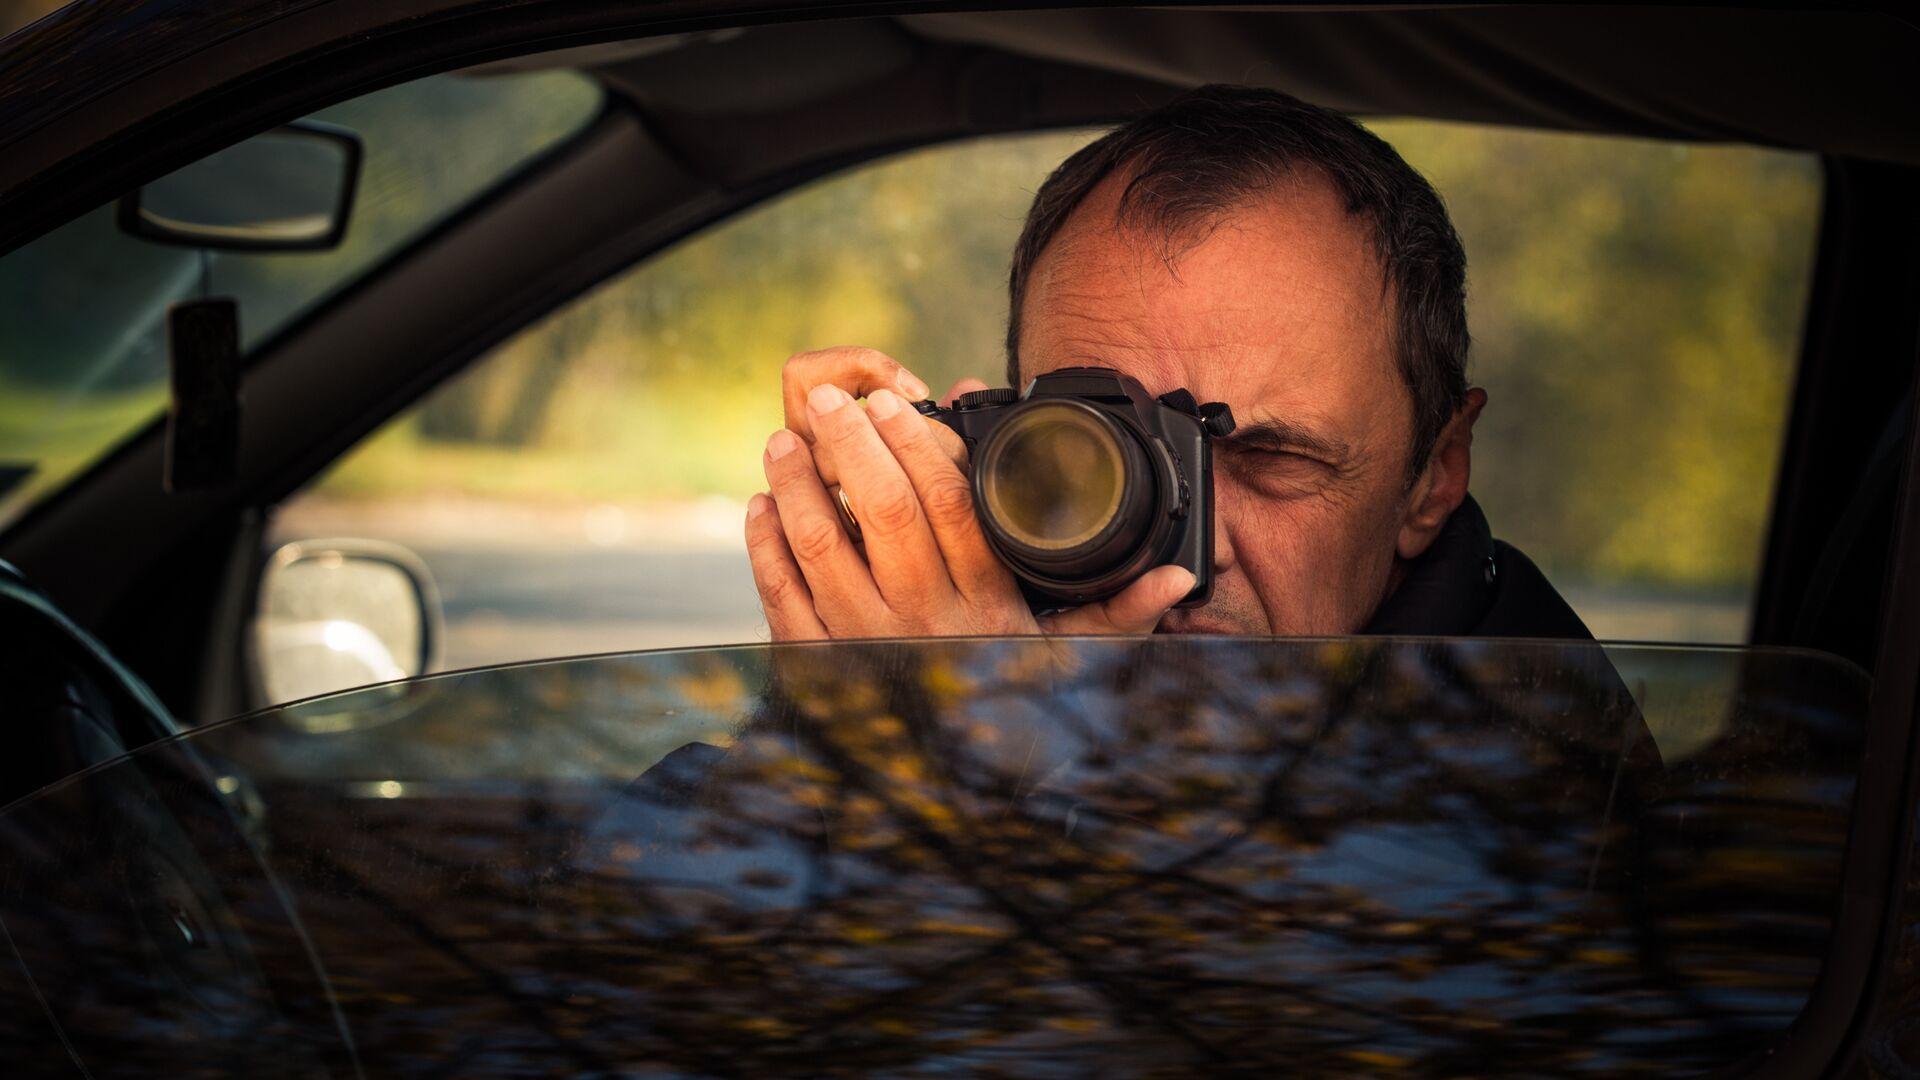 Мужчина фотографирует из окна автомобиля  - РИА Новости, 1920, 06.10.2021